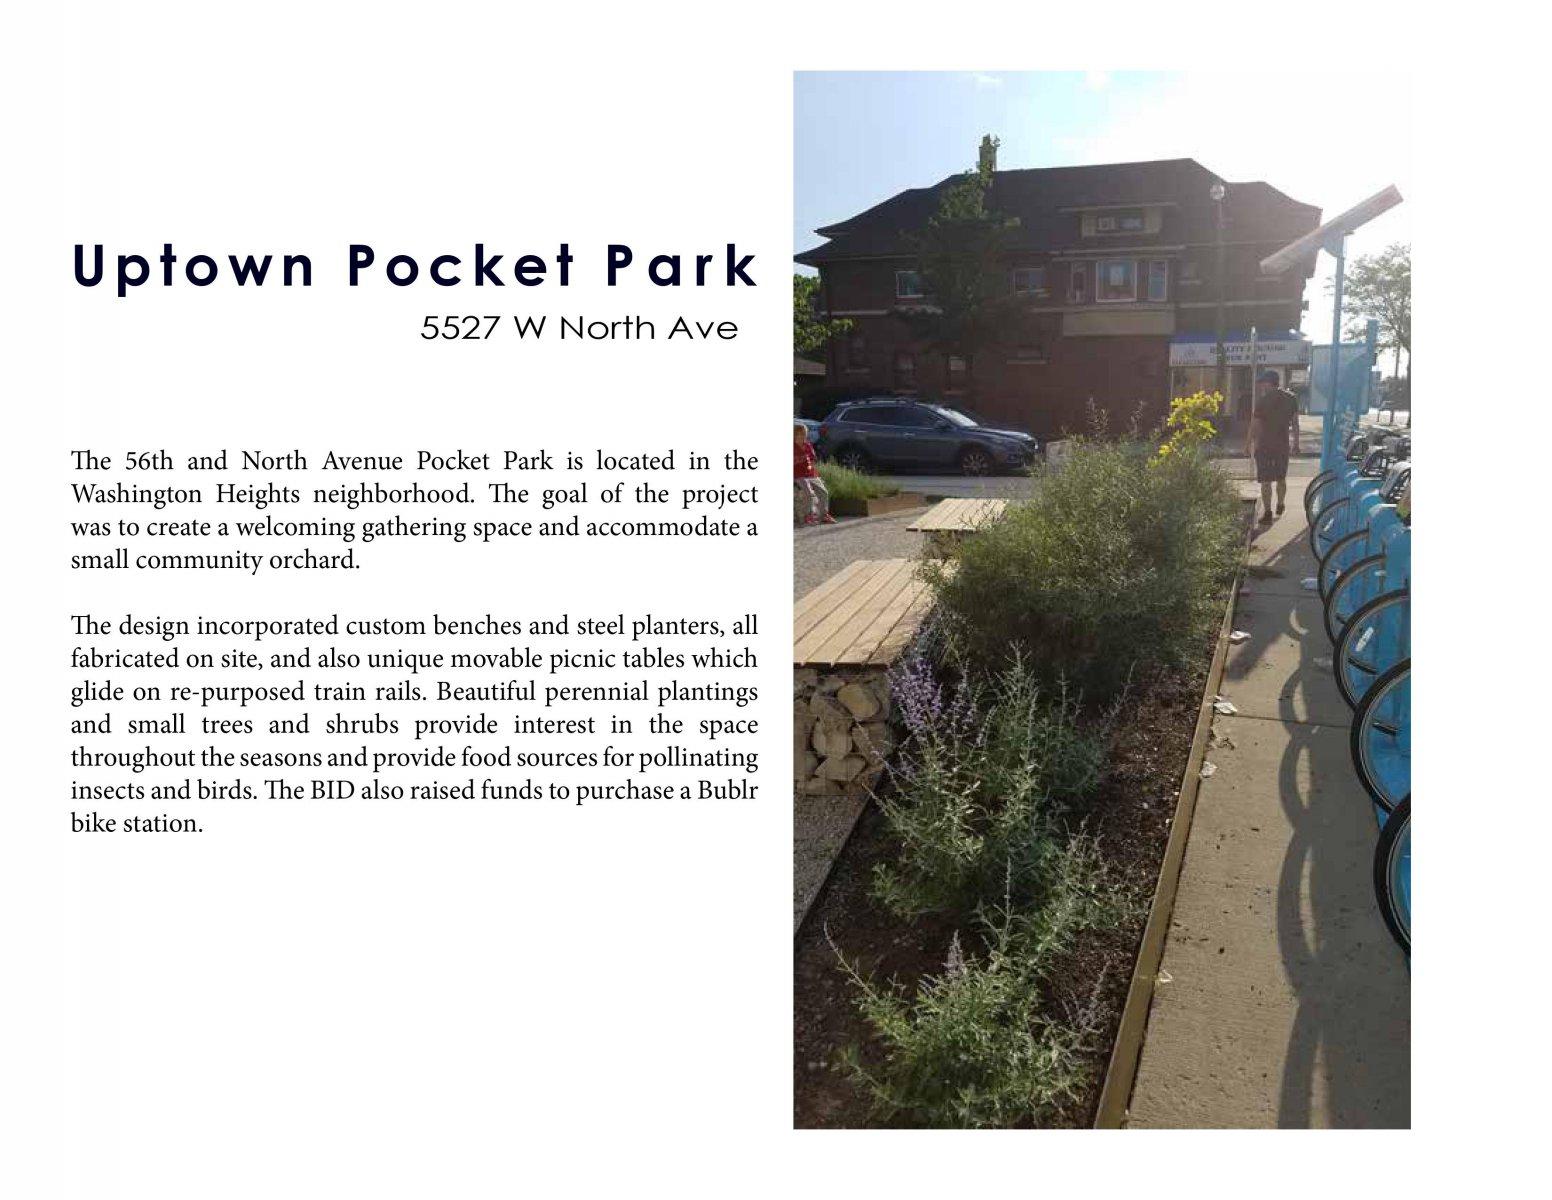 Uptown Pocket Park